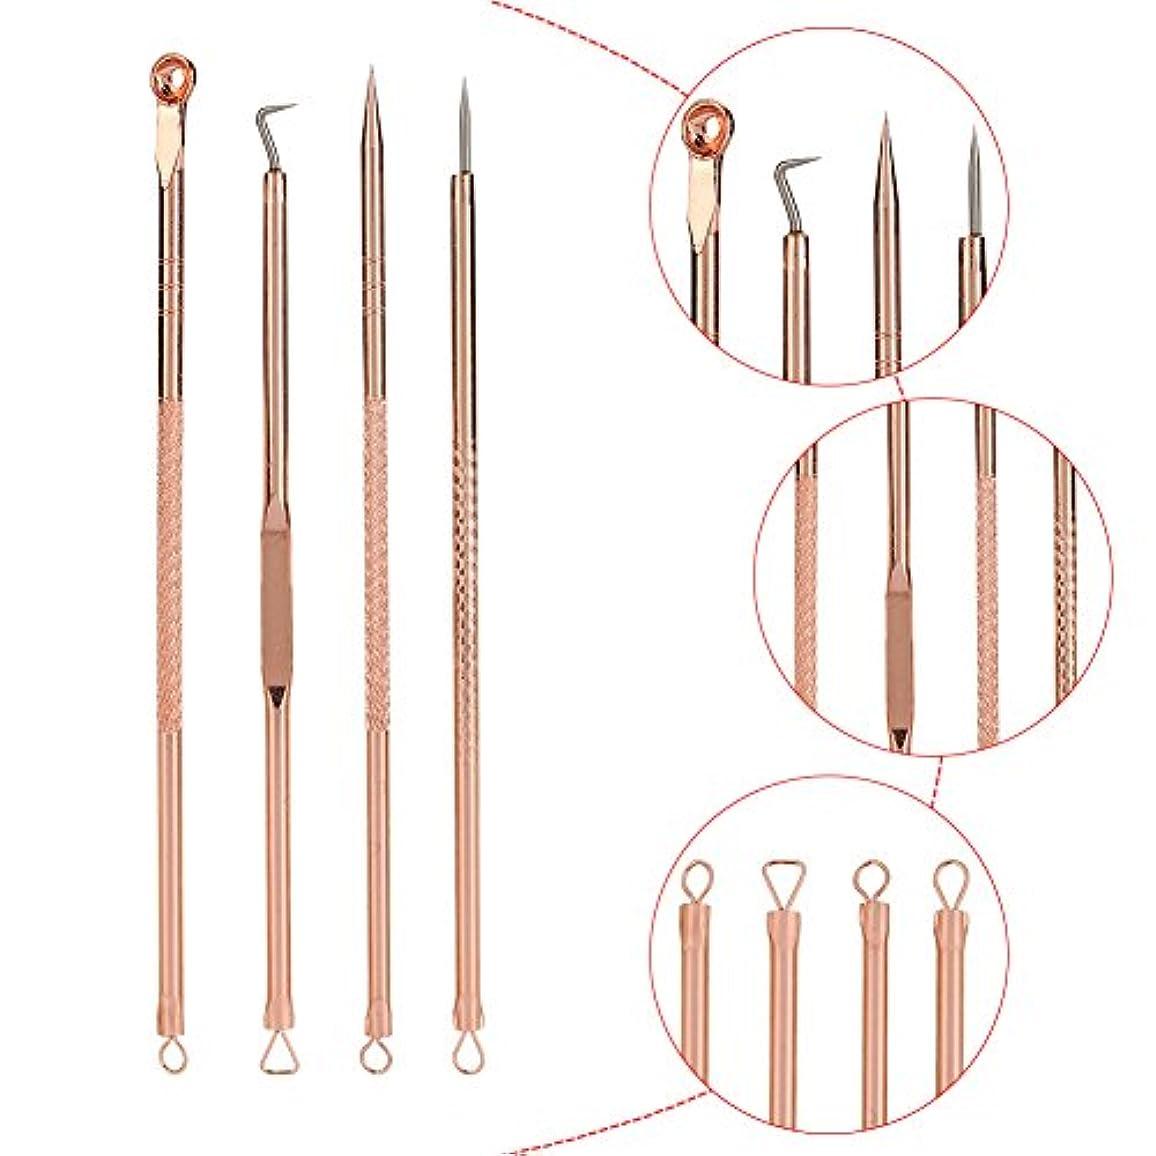 4PCSブラックヘッド抽出器 - ブラックポイントのステンレス鋼コメドーンブラックヘッドプーラープロフェッショナル抽出 - ケース付きブラック/ホワイトポイント/ニキビボタン/ボタン